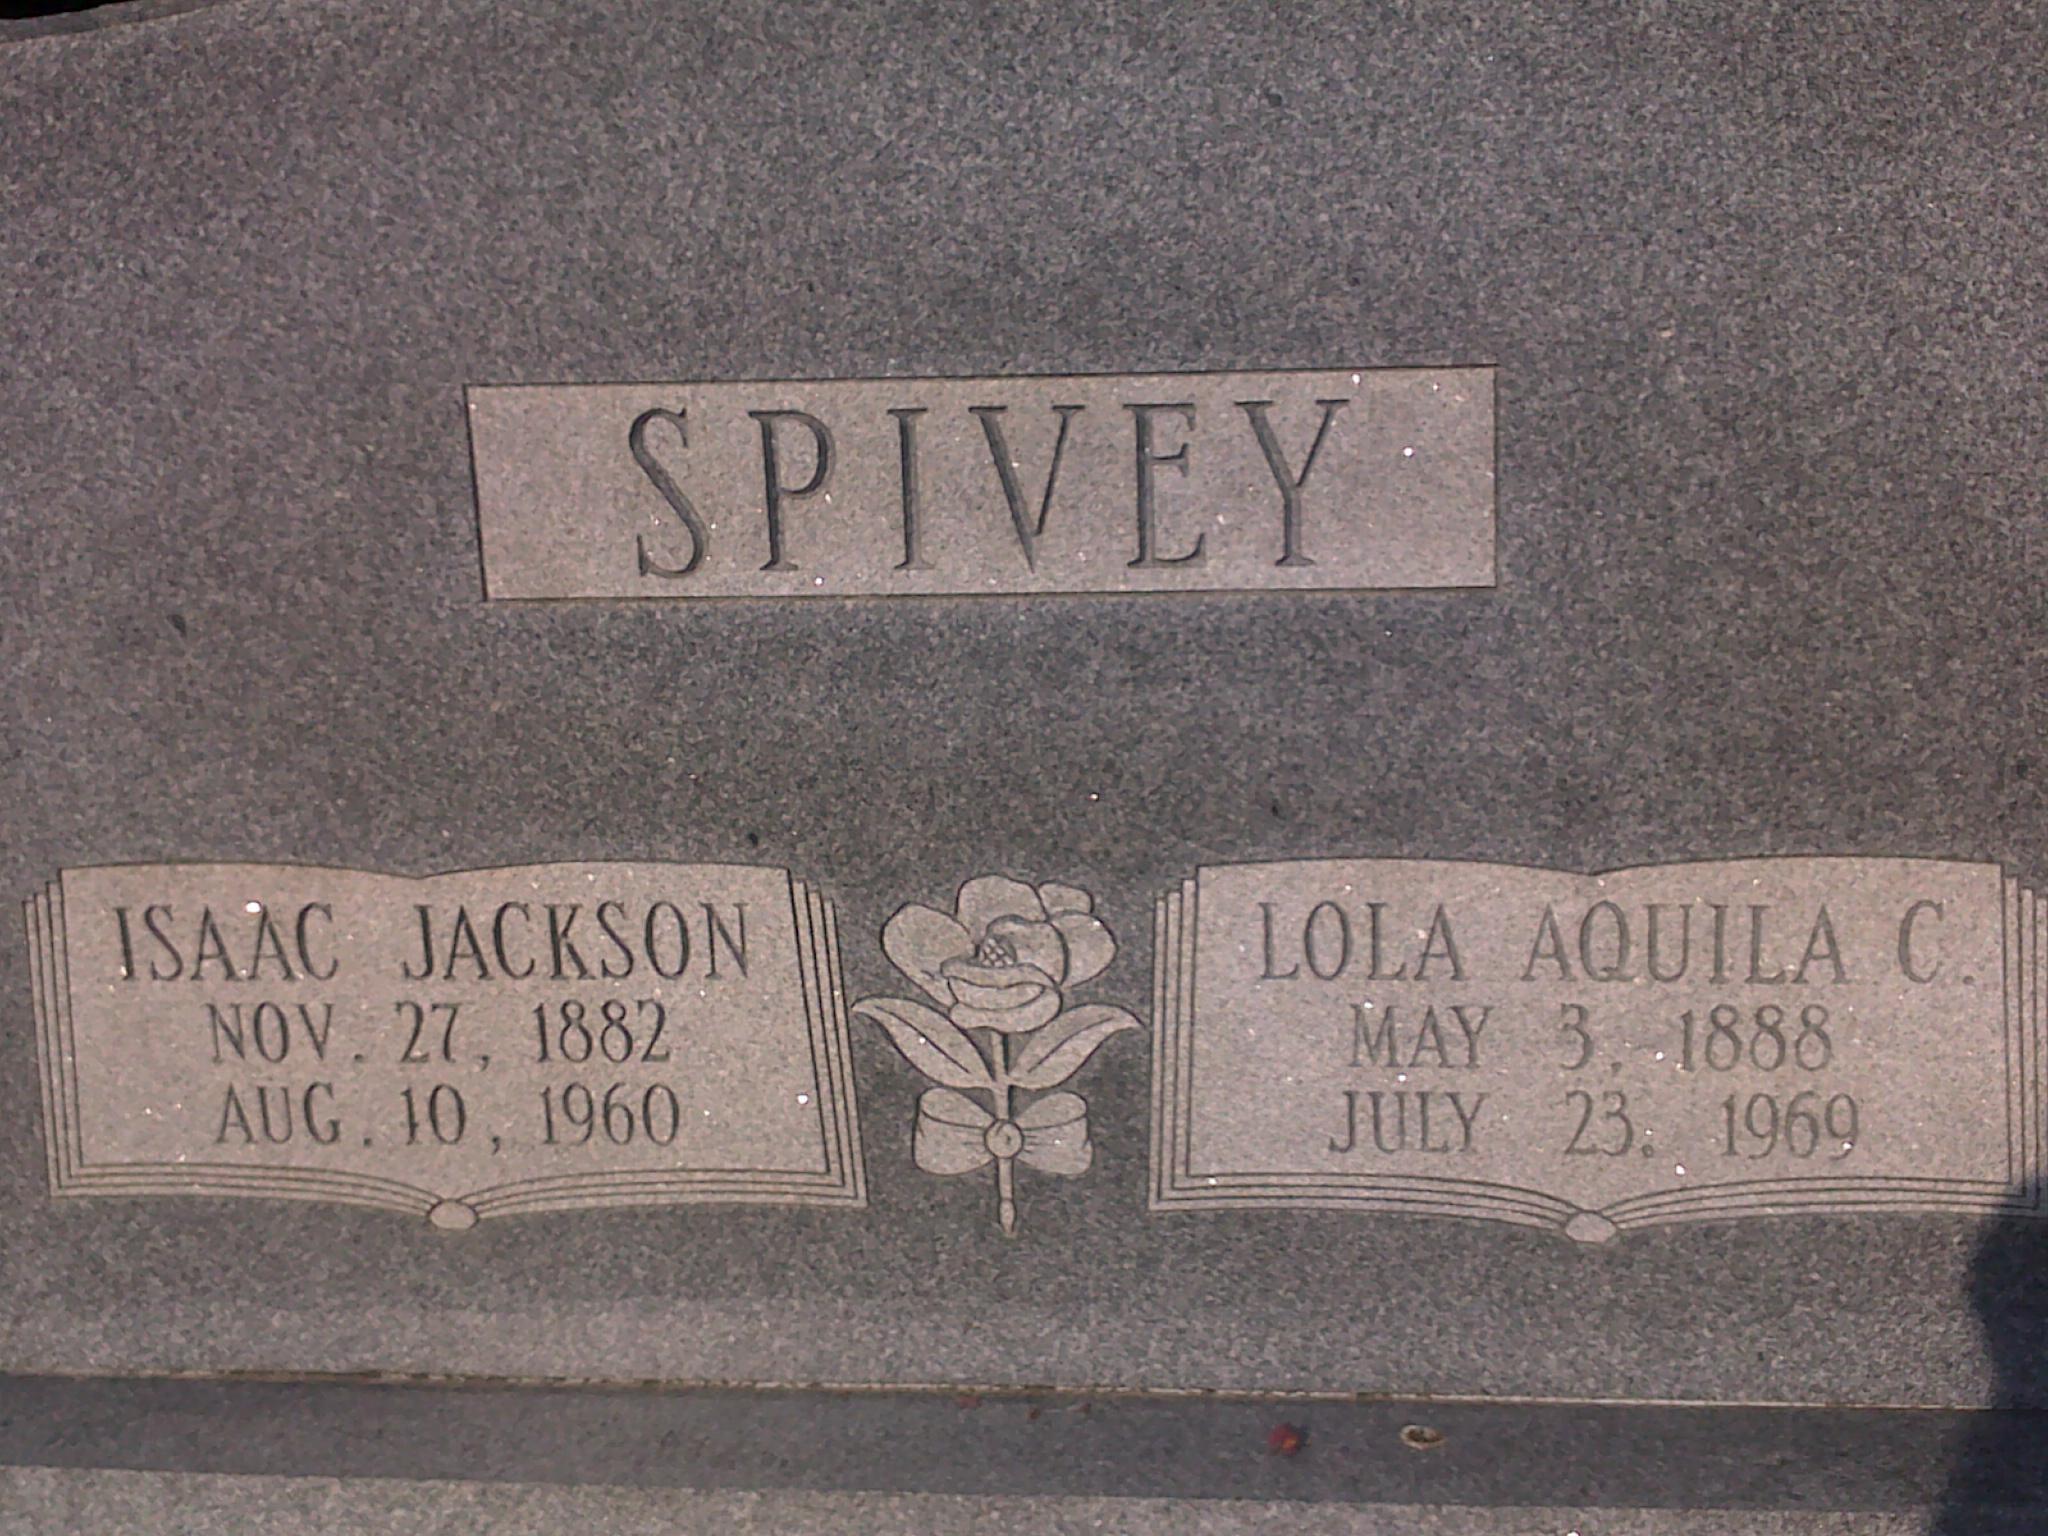 Isaac Jackson Spivey, Jr